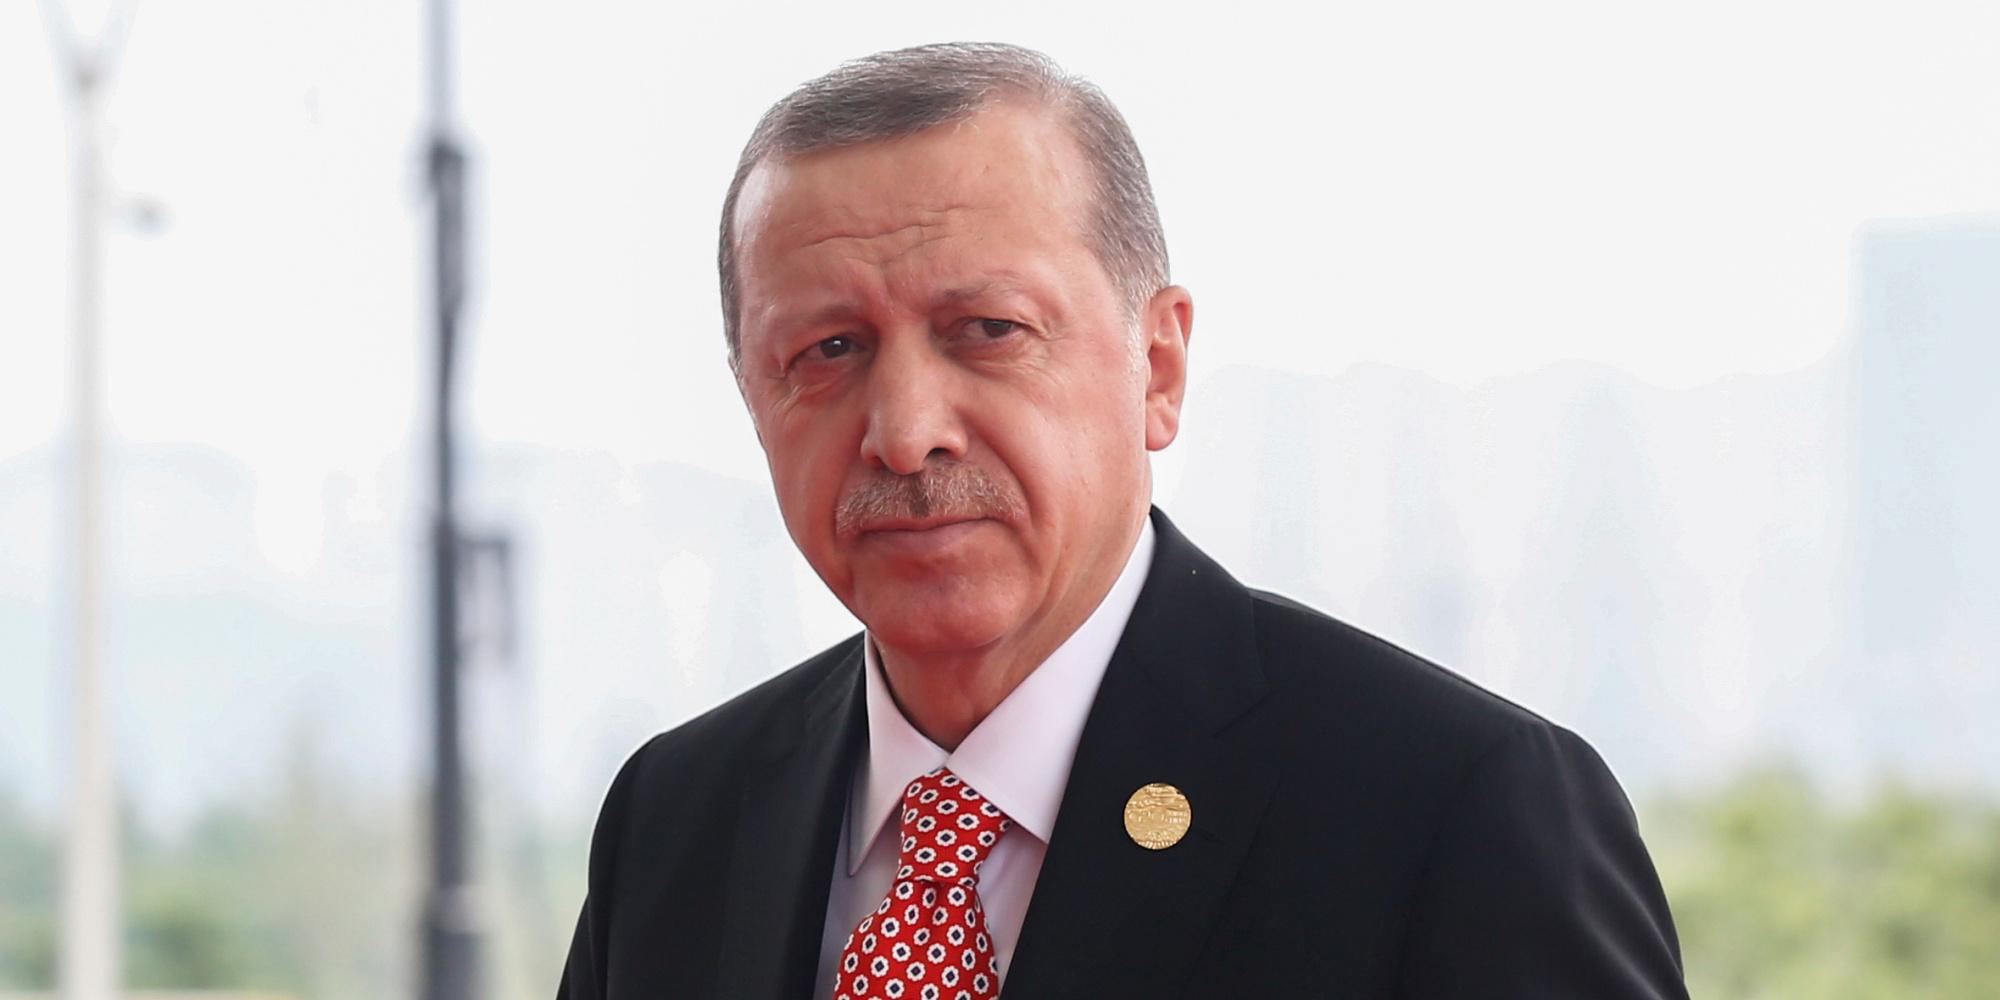 قبل أسبوع من زيارة أردوغان لأميركا.. تركيا تُخفِّف من حدَّة انتقادها لسياسة ترامب إزاء سوريا